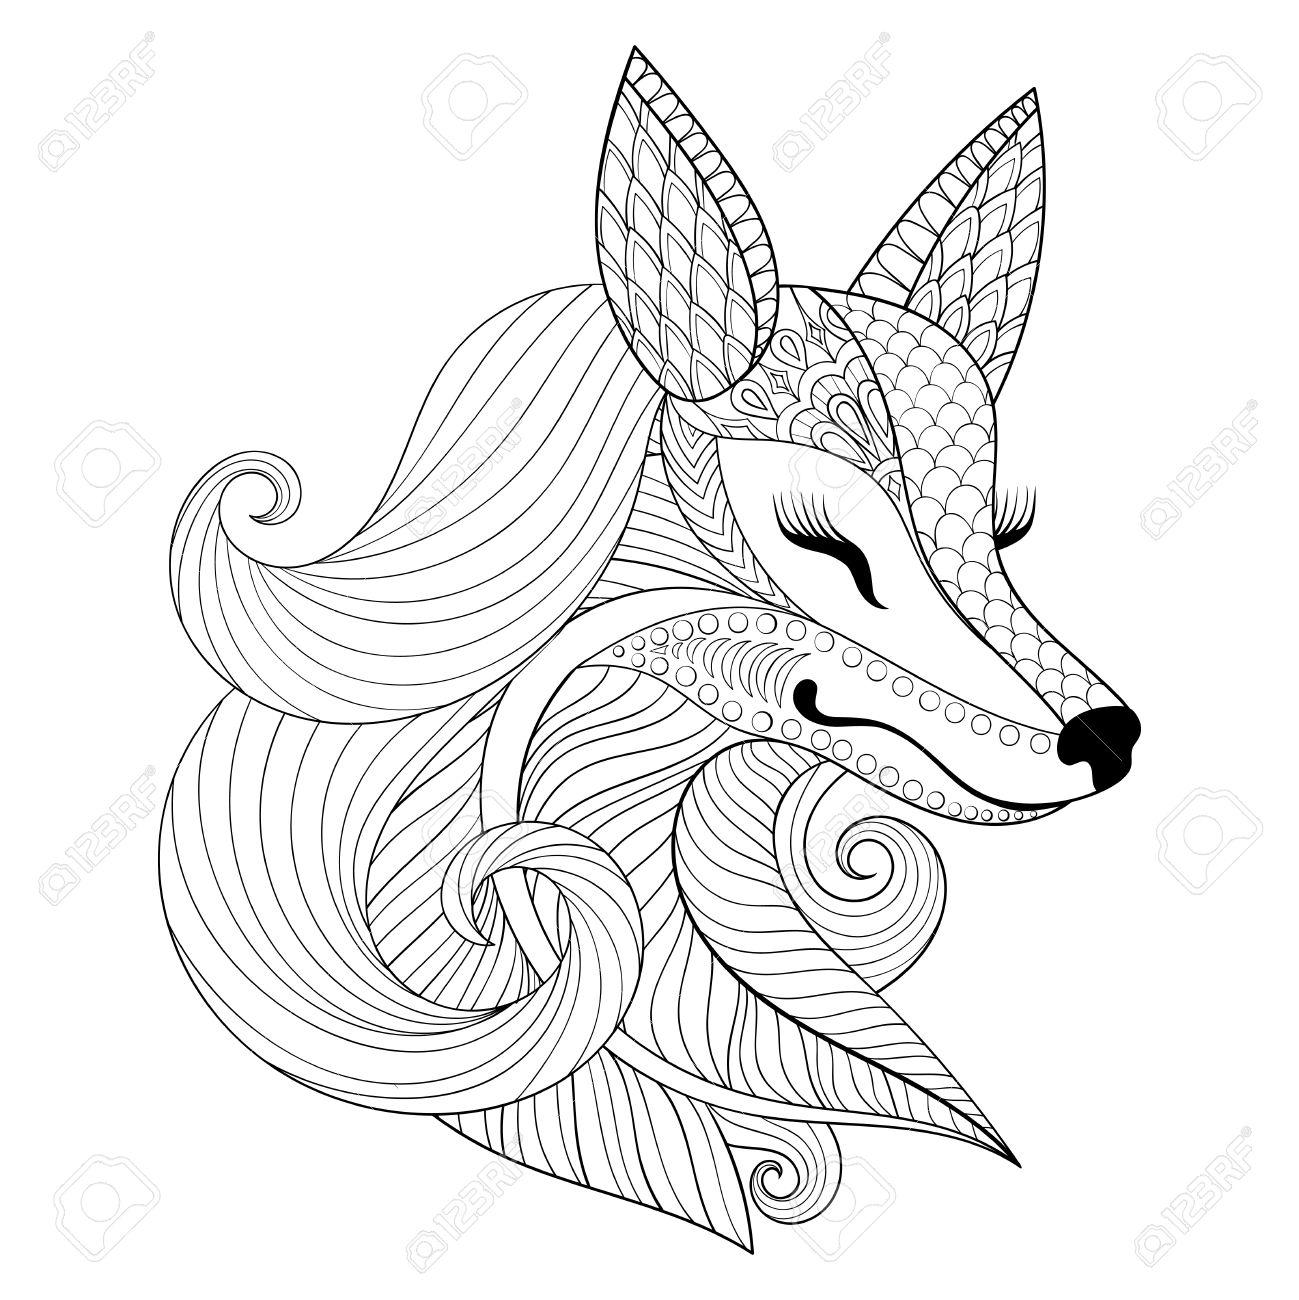 Fox Gesicht In Schwarz Weiss Doodle Style Wild Tier Gesicht Illustration Fur Erwachsene Malvorlagen Bucher Kunsttherapie Schwarz Weiss Skizze Fur T Shirt Druck Lizenzfrei Nutzbare Vektorgrafiken Clip Arts Illustrationen Image 65698792